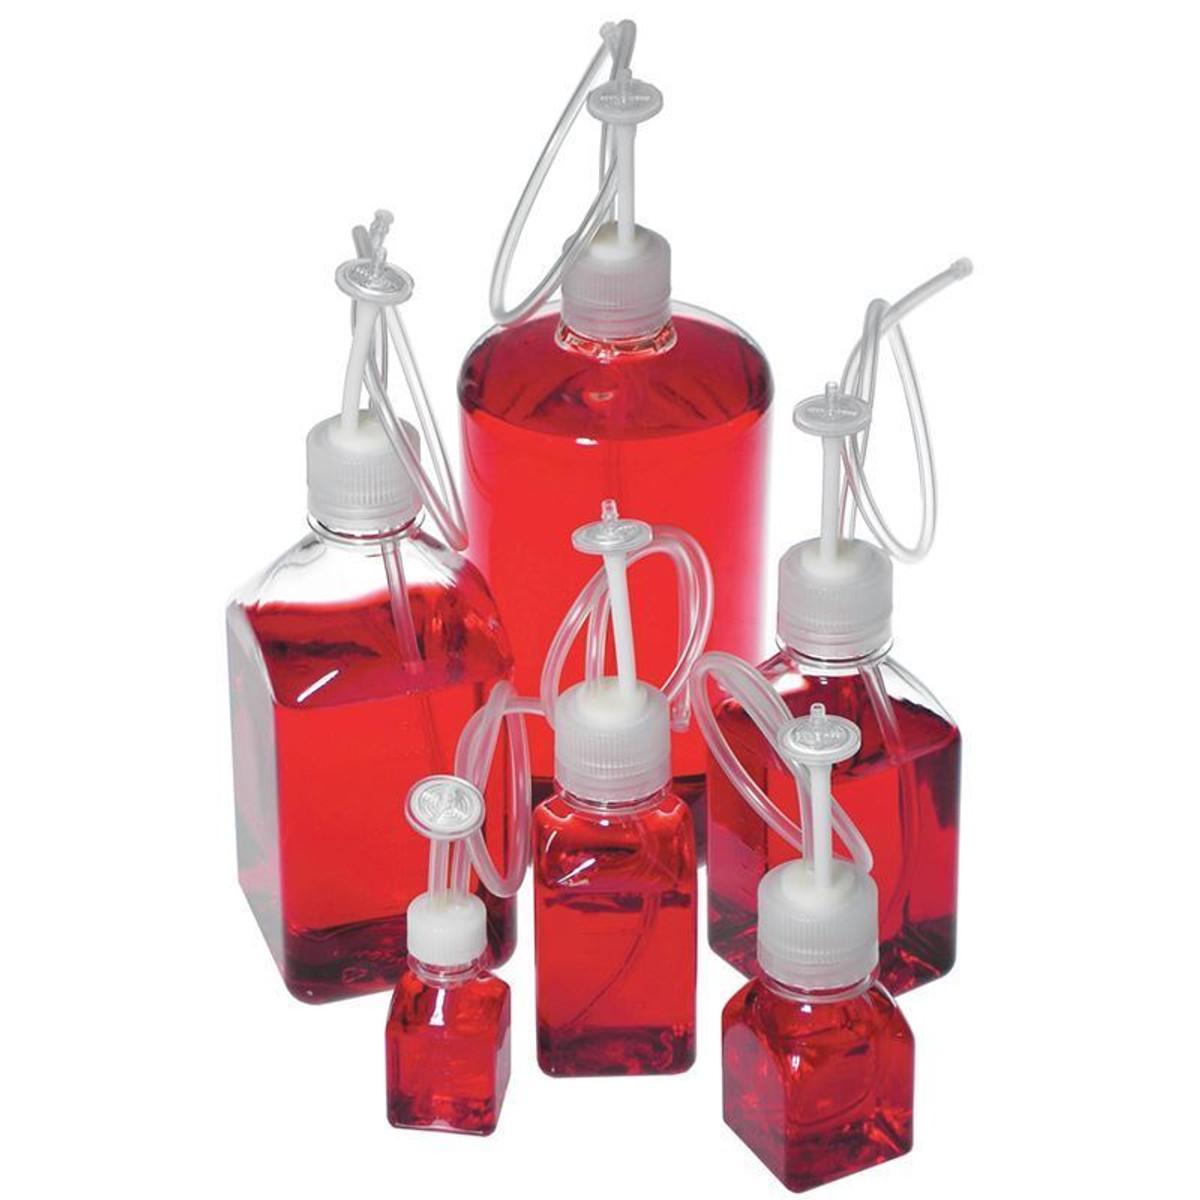 1,000mL Single-Use Bottle Assembly, 2-Port, Sterile PETG, case/10